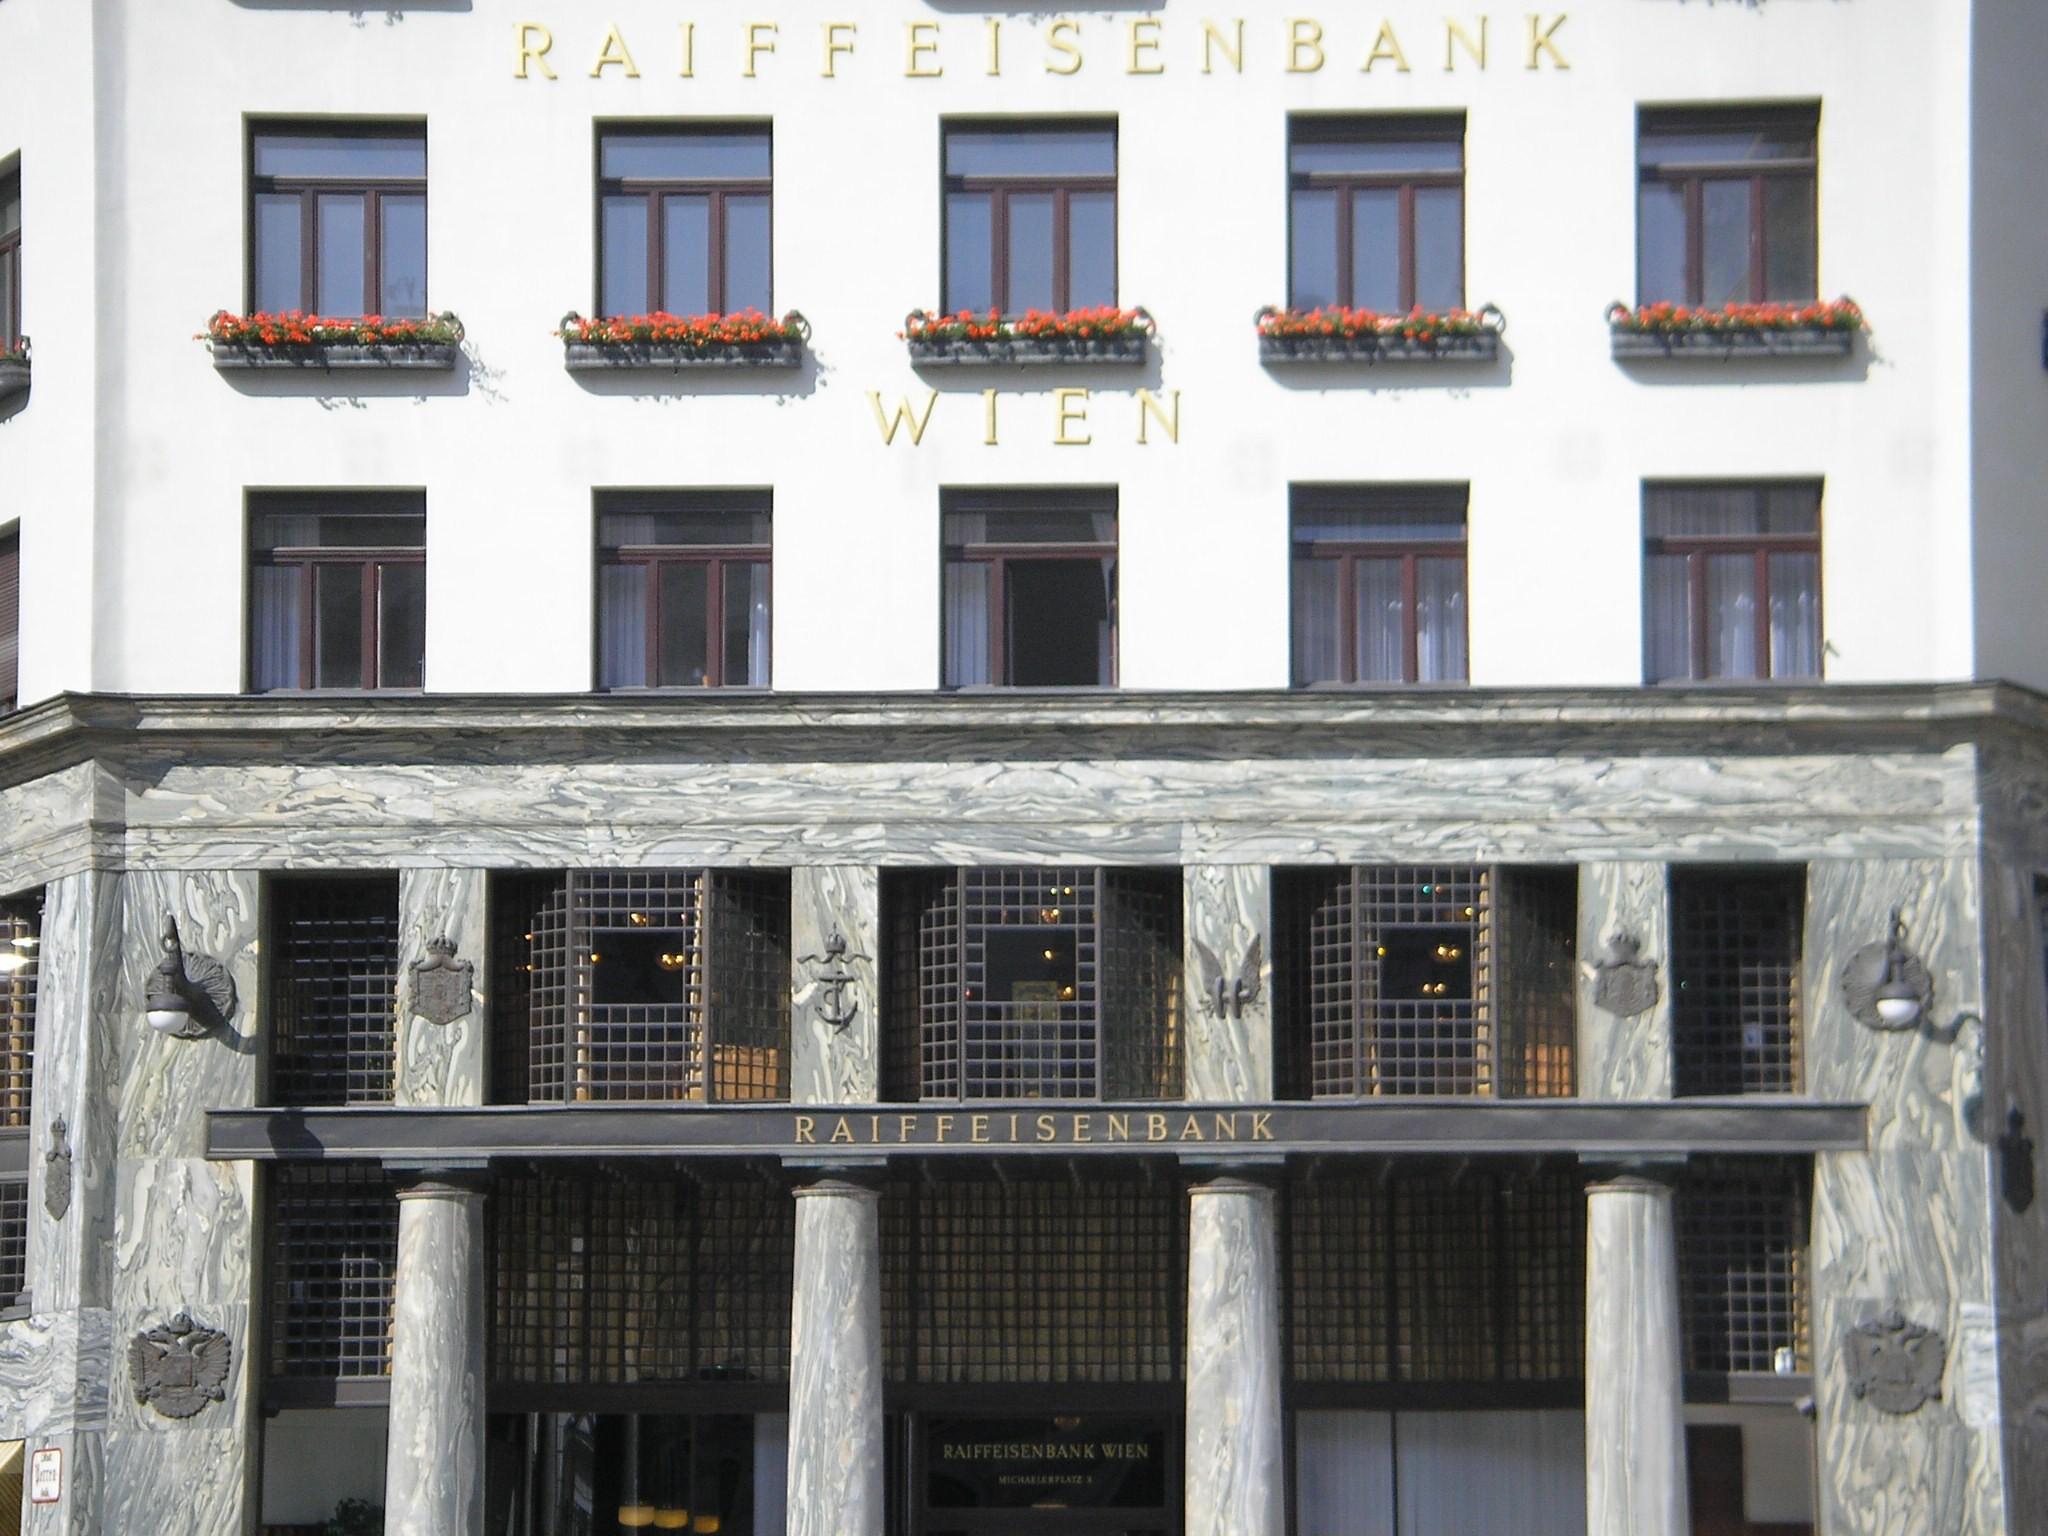 オーストリア・ウィーンは建築も凄い!魂を揺さぶる世紀末建築をじっくり鑑賞してみよう